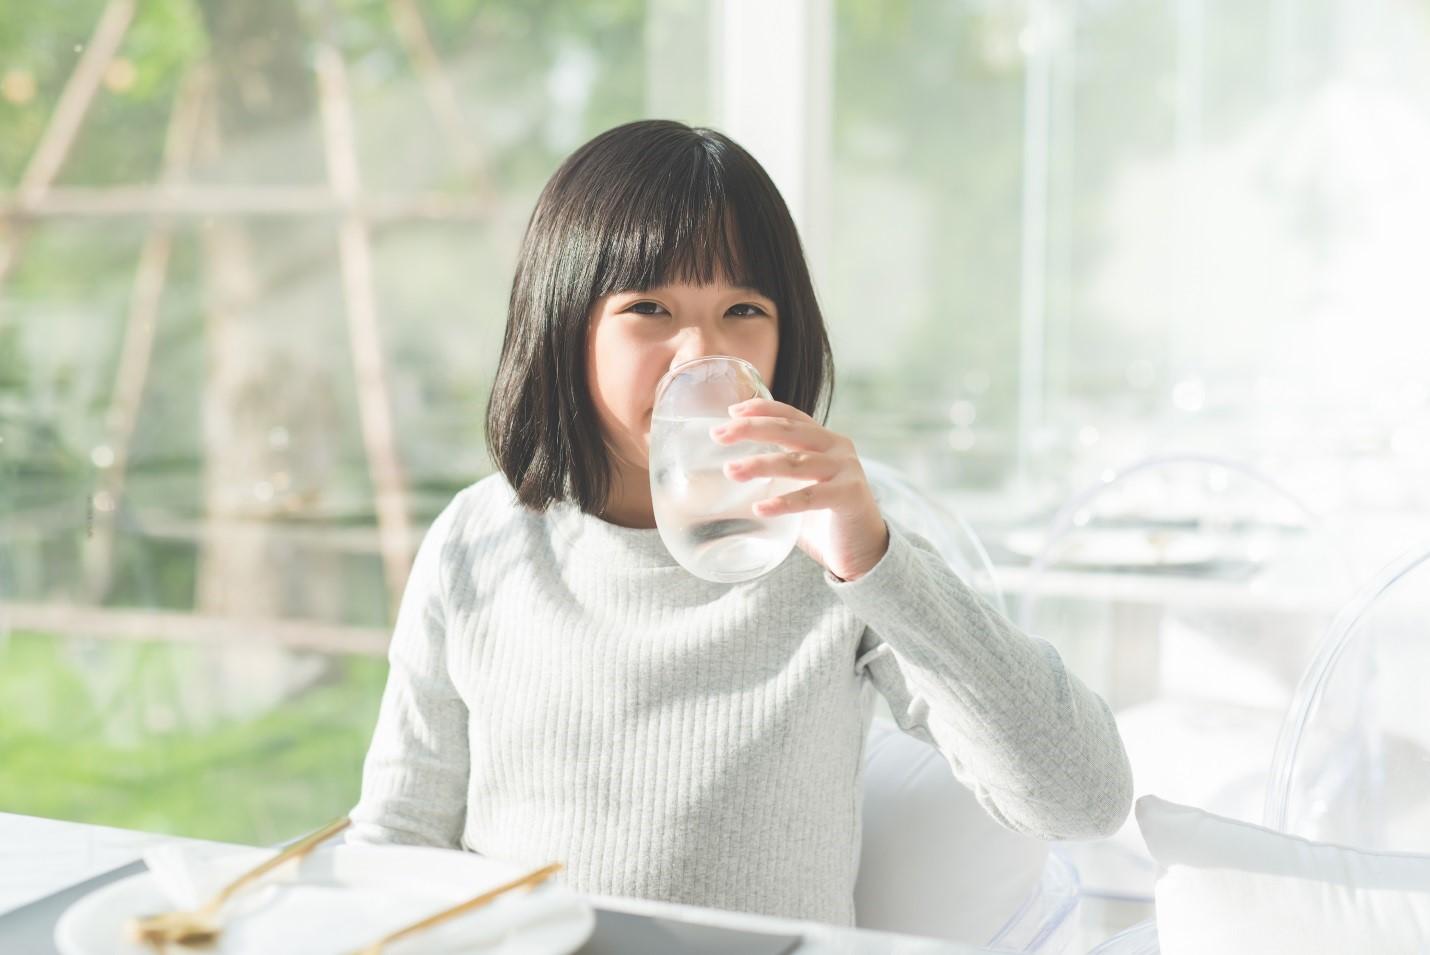 Benarkah Sering Minum Es Bisa Menyebabkan Batuk dan Pilek pada Anak-anak?